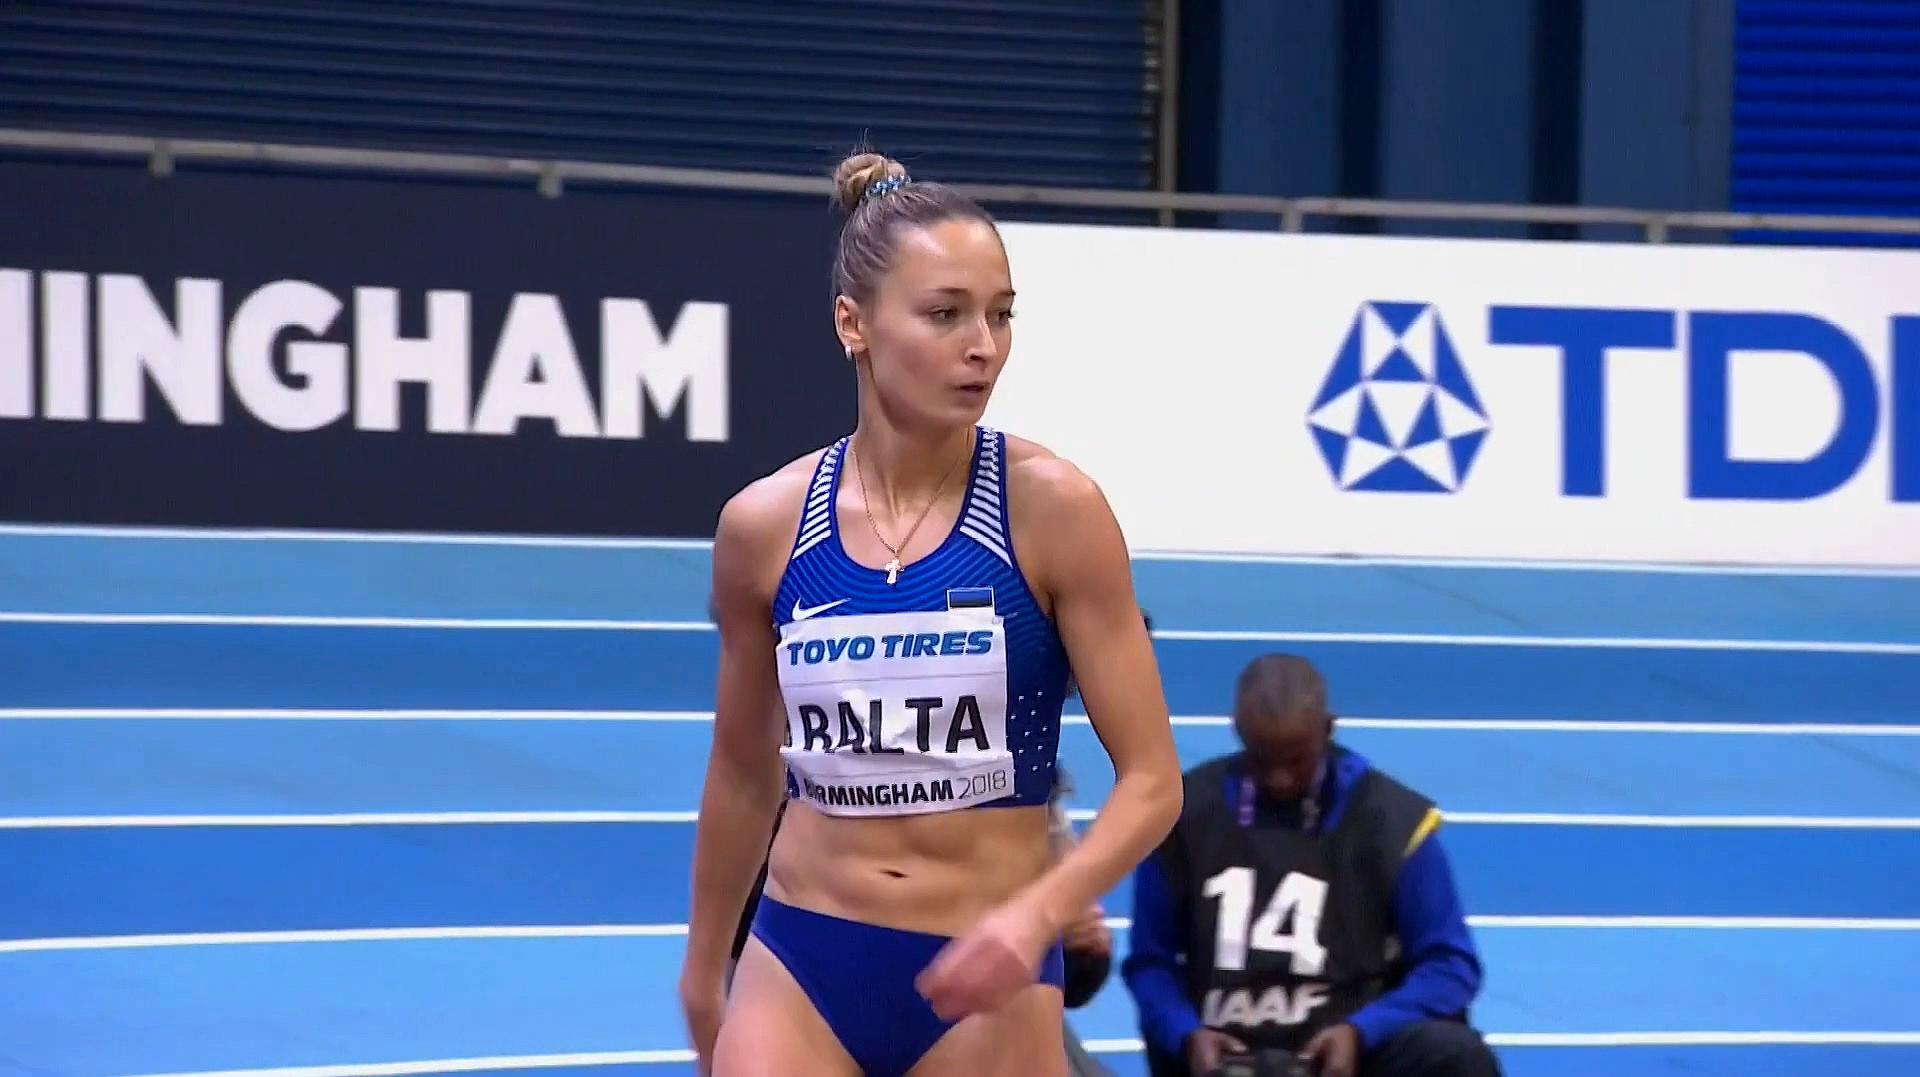 来自爱沙尼亚的田径美女,身体素质真是很棒